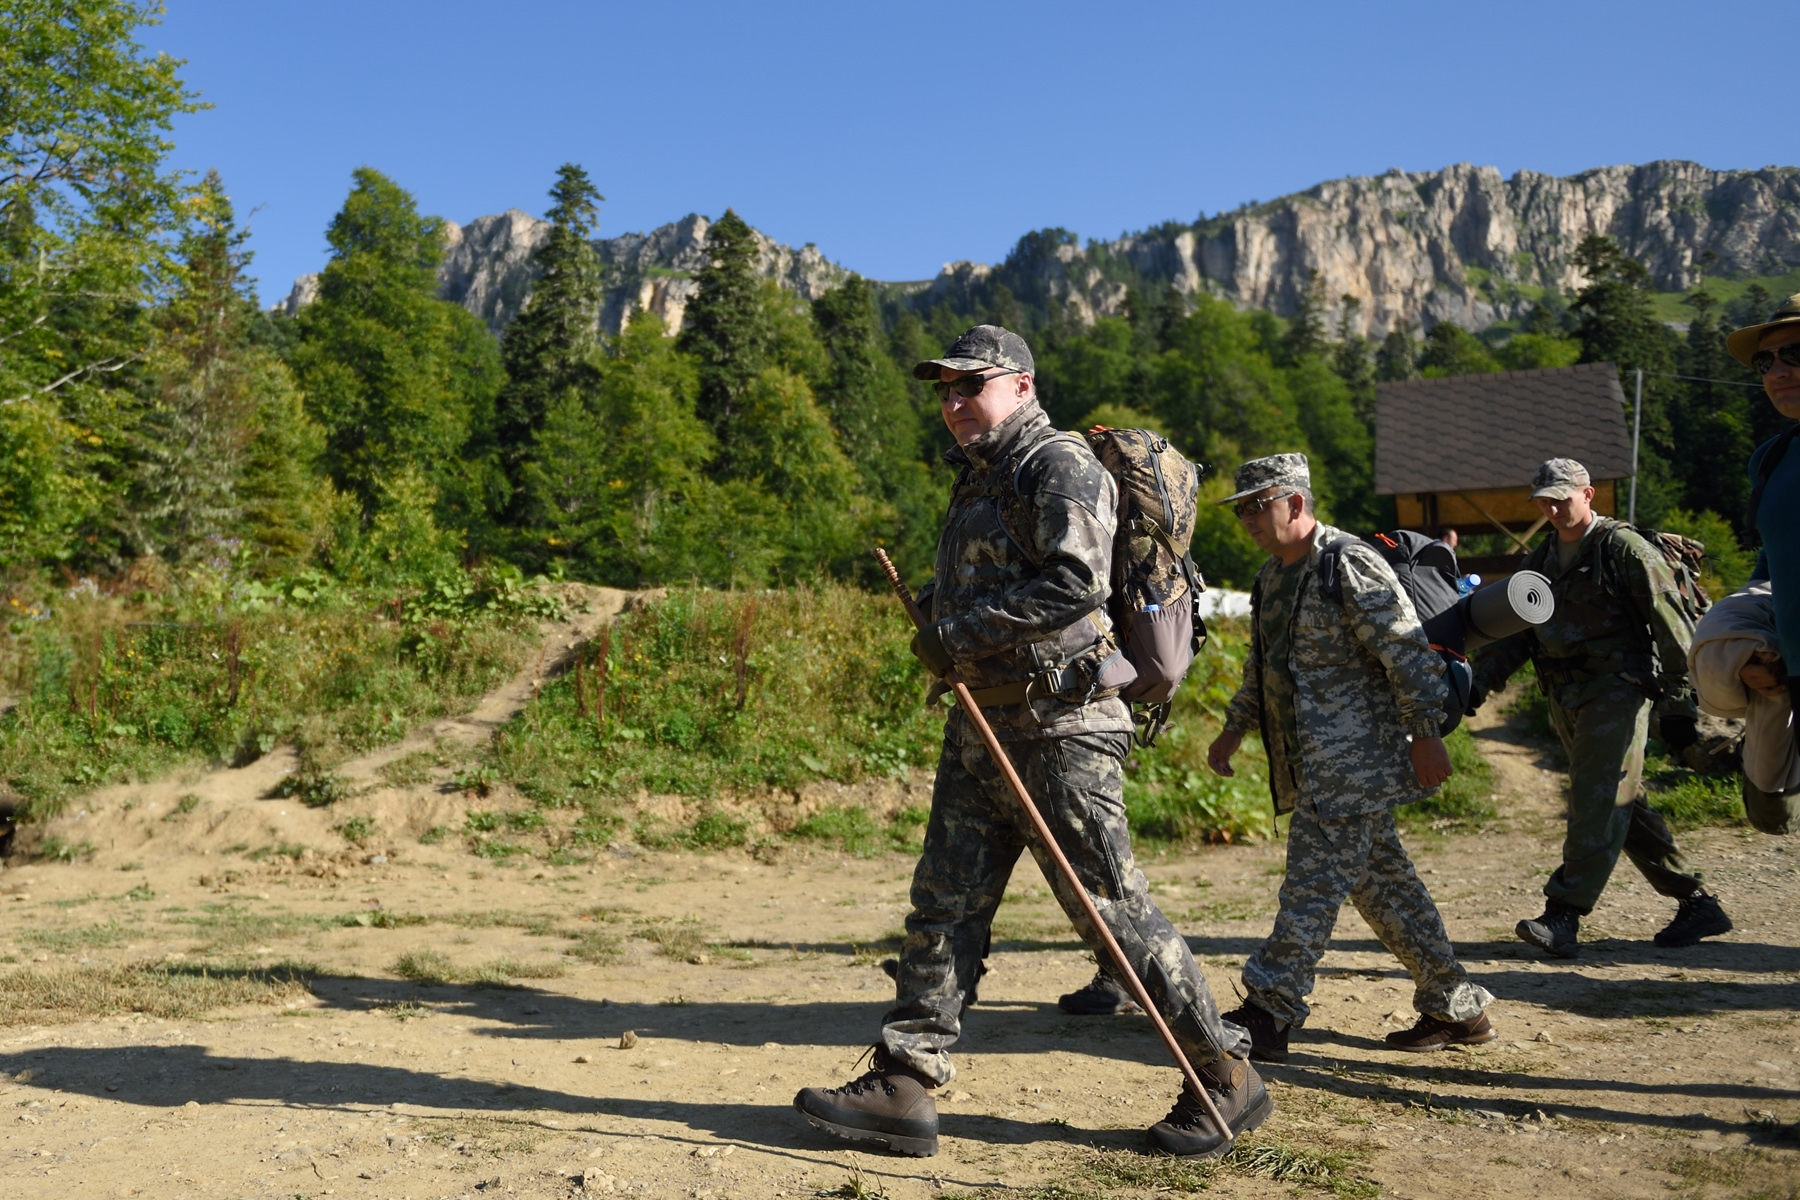 Глава Адыгеи пошел в поход вместе с молодежью к подножию Фишта